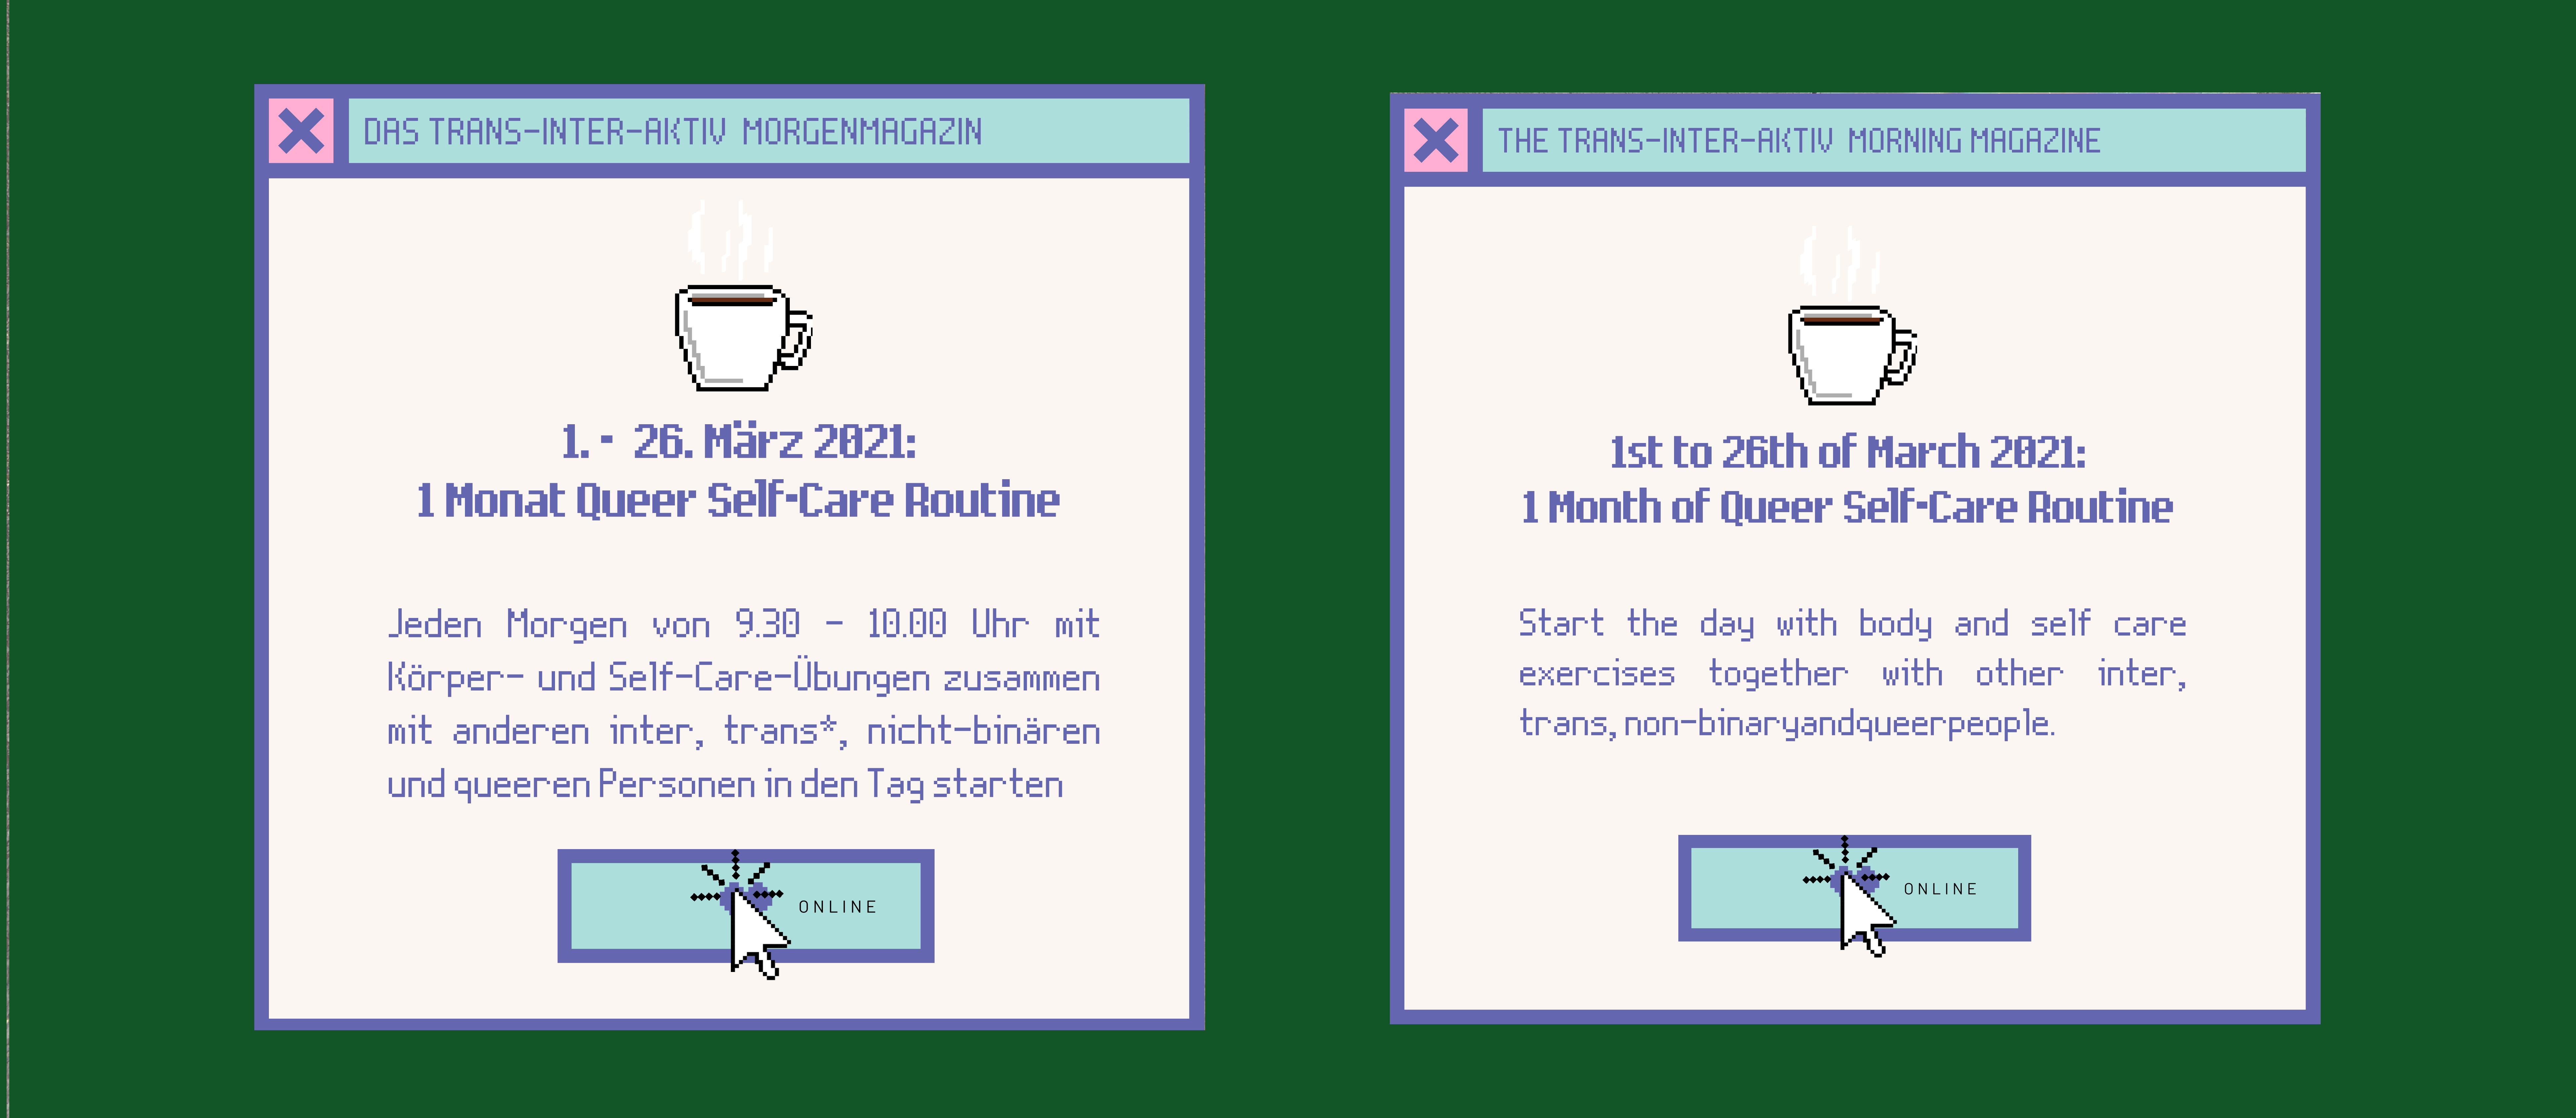 Queere Self Care Routine vom 01.-26. März 2021 jeden Morgen!